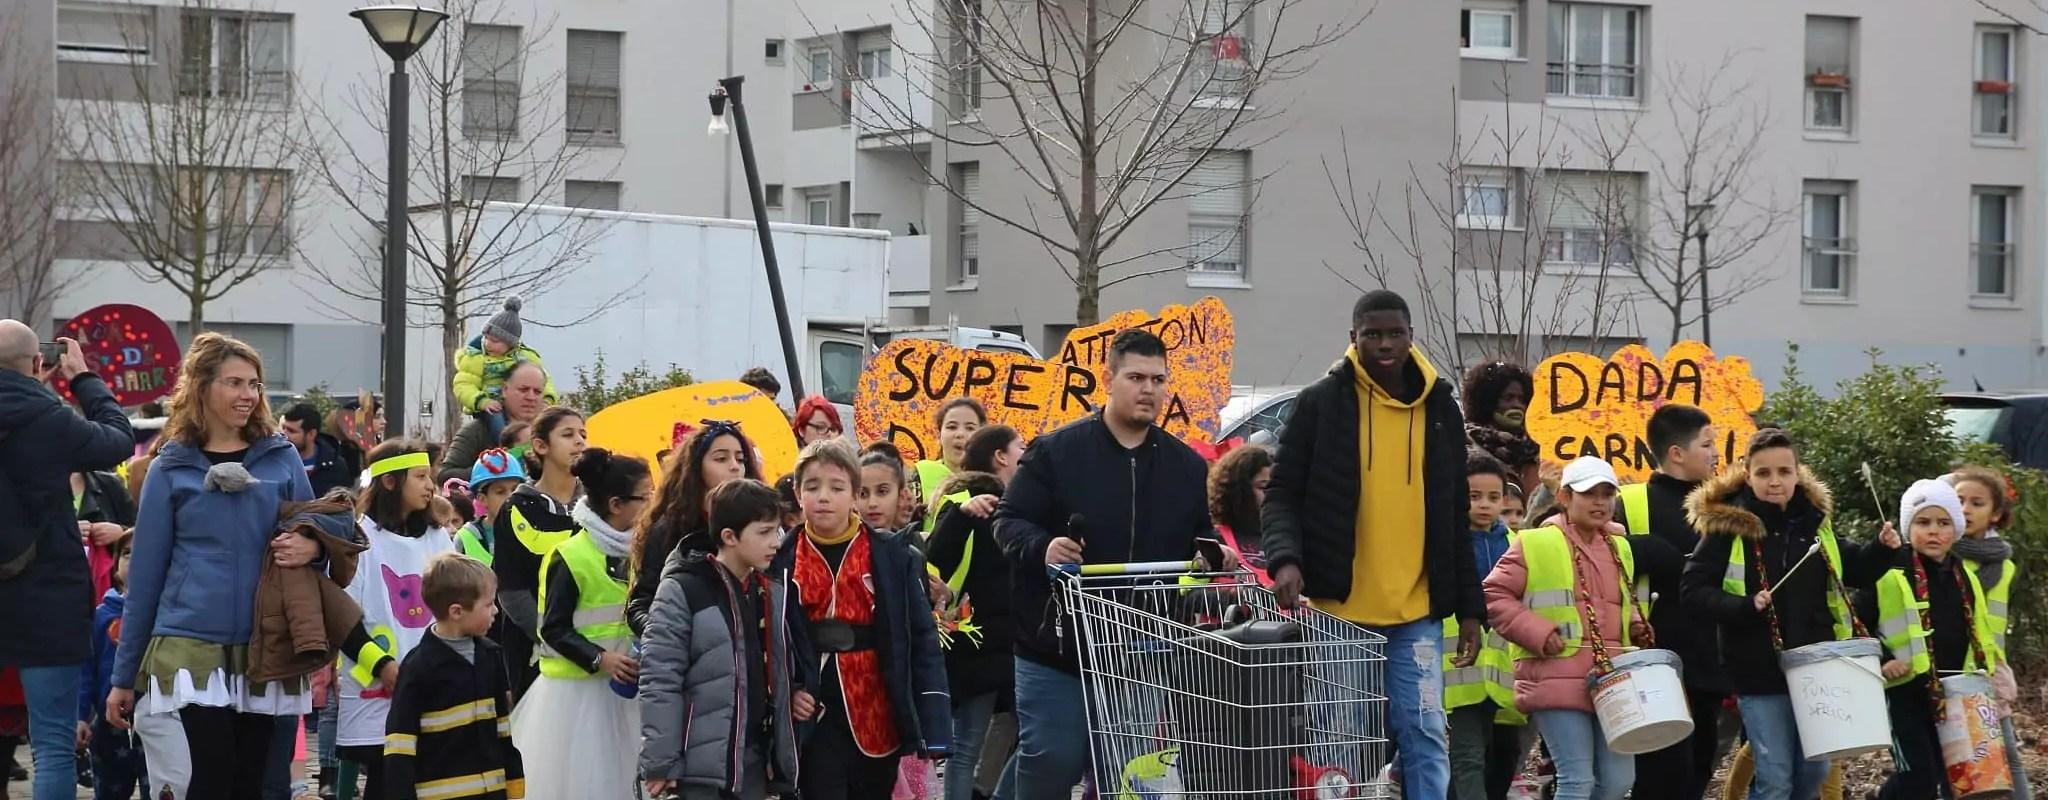 À Hautepierre, une tradition du carnaval de quartier résiste malgré l'époque